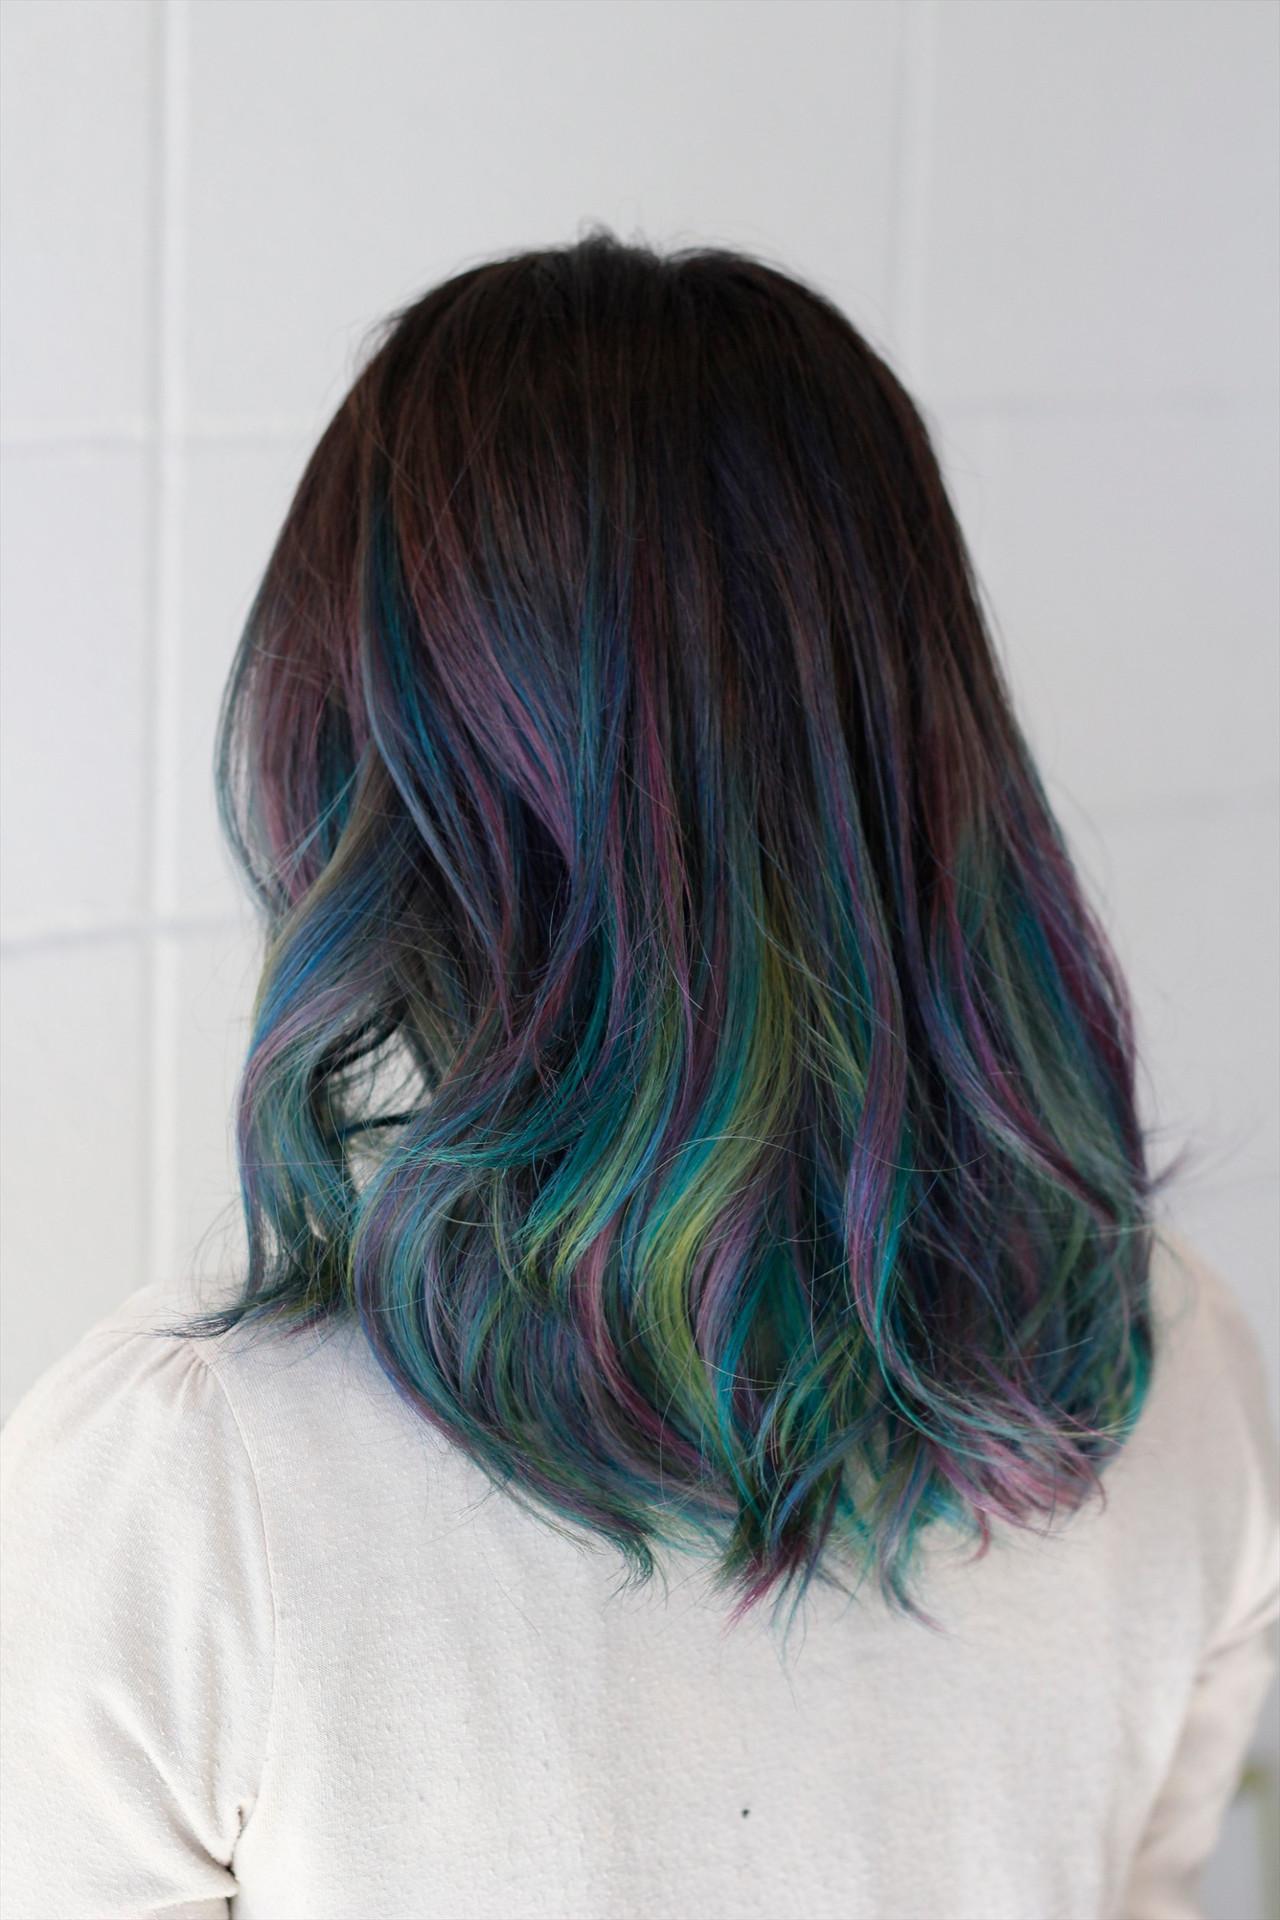 セミロング モード ミディアムヘアー レインボーヘアスタイルや髪型の写真・画像